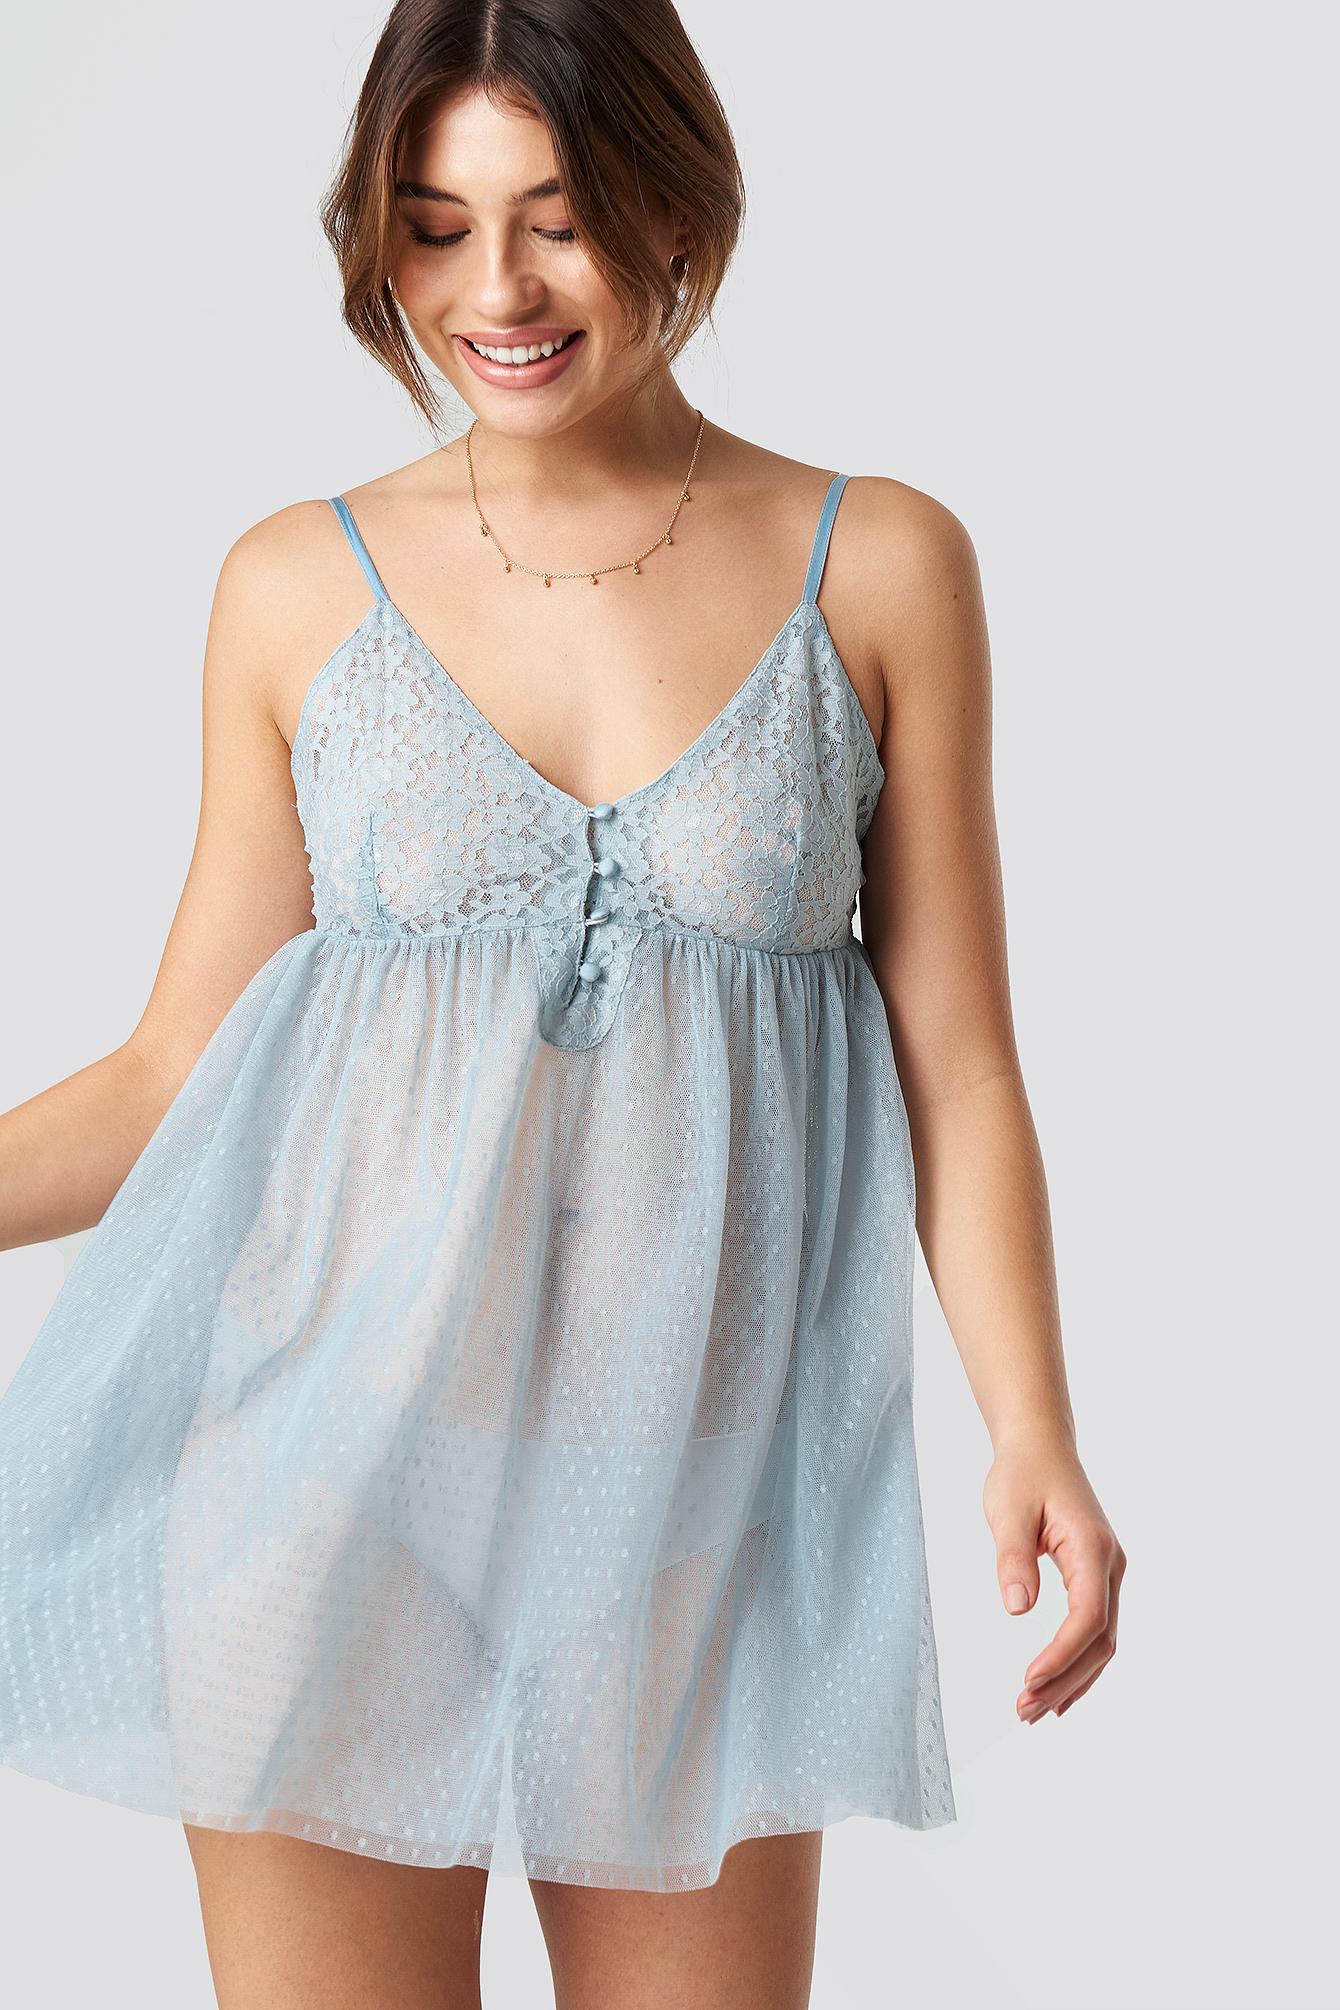 Lace Detailed Romantic Night Dress NA-KDLOUNGE.DE